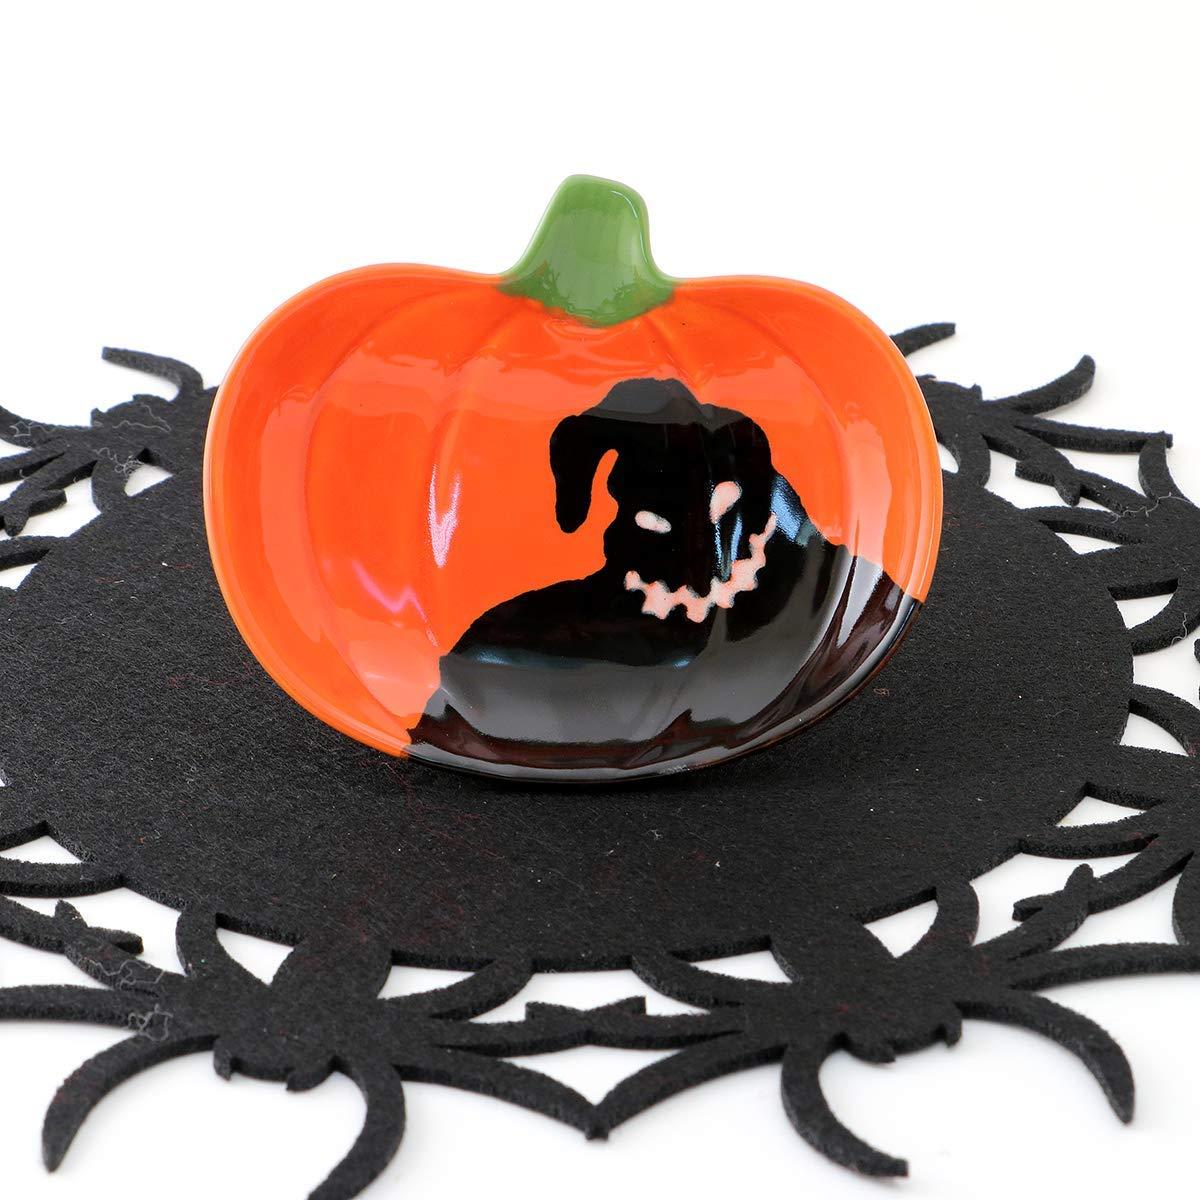 Oogie Boogie - Nightmare Before Christmas Pumpkin Dish